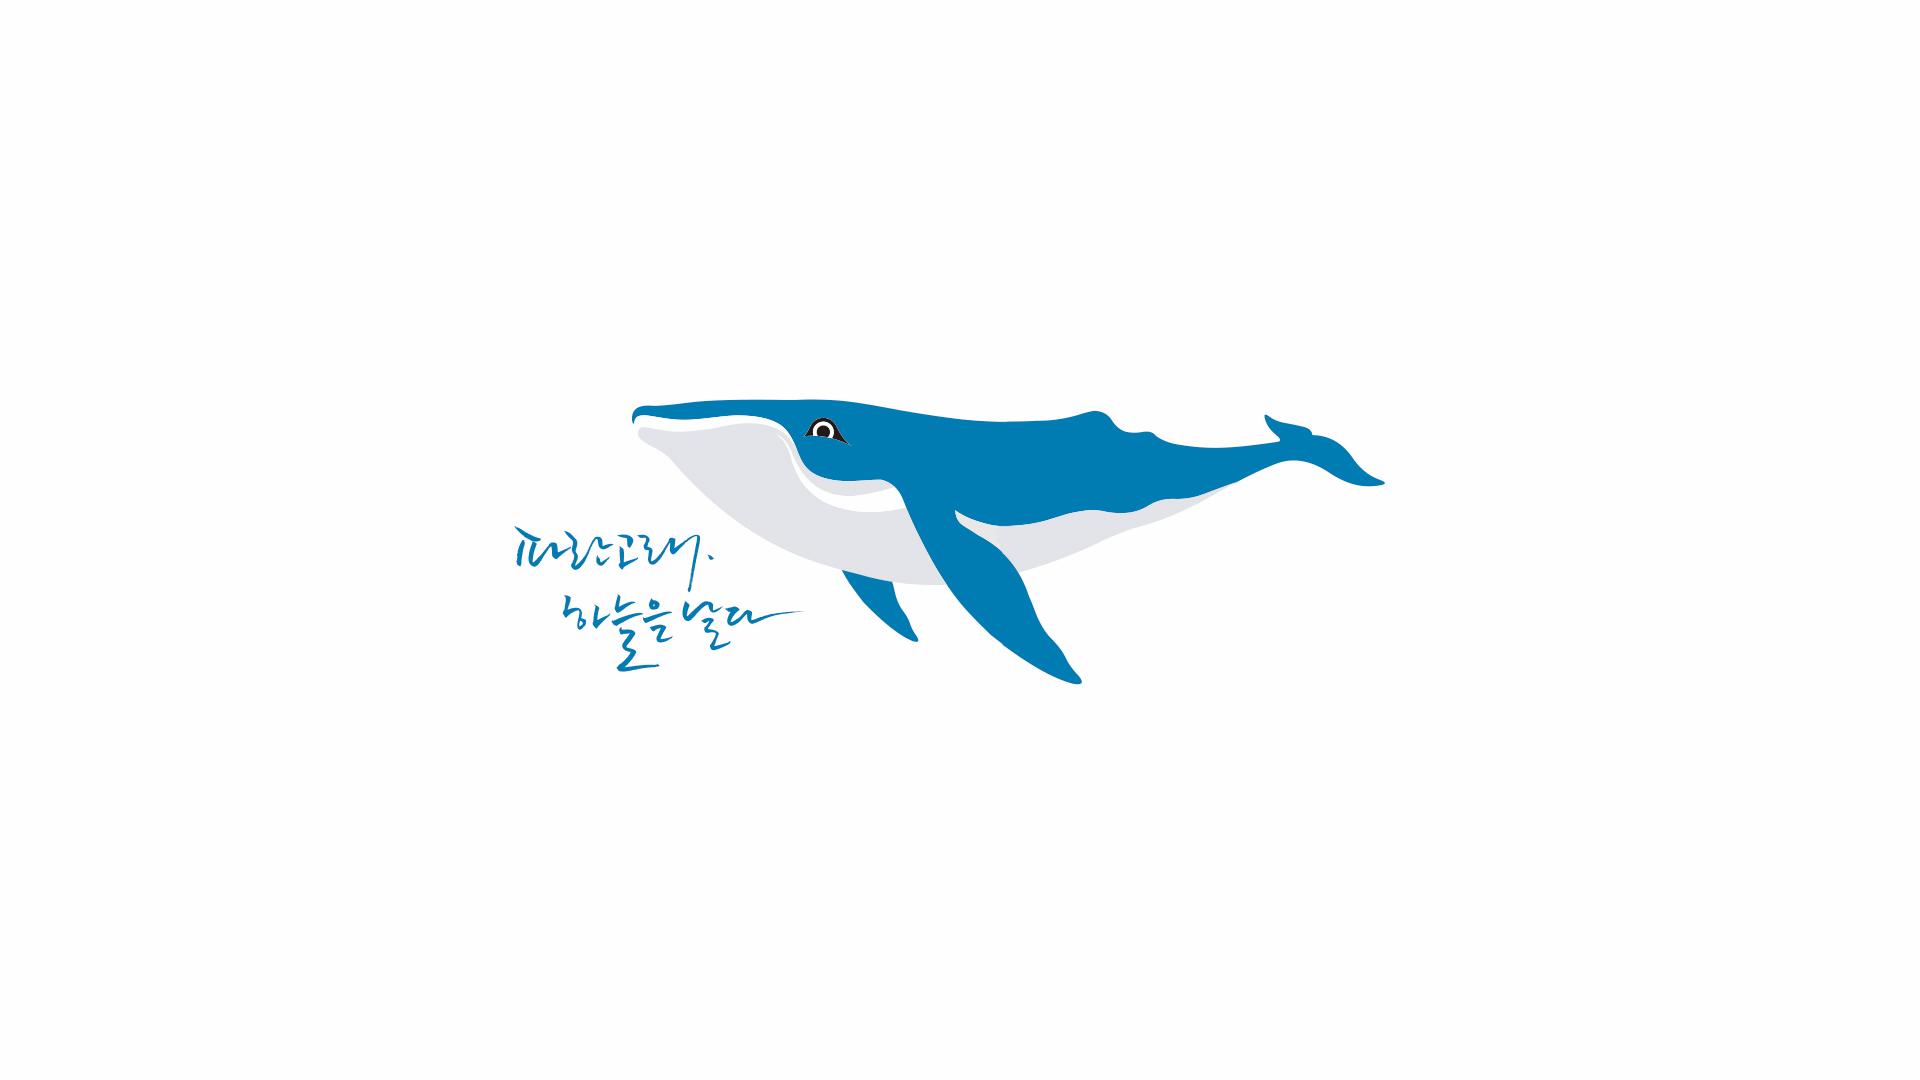 파란고래 하늘을 날다로고